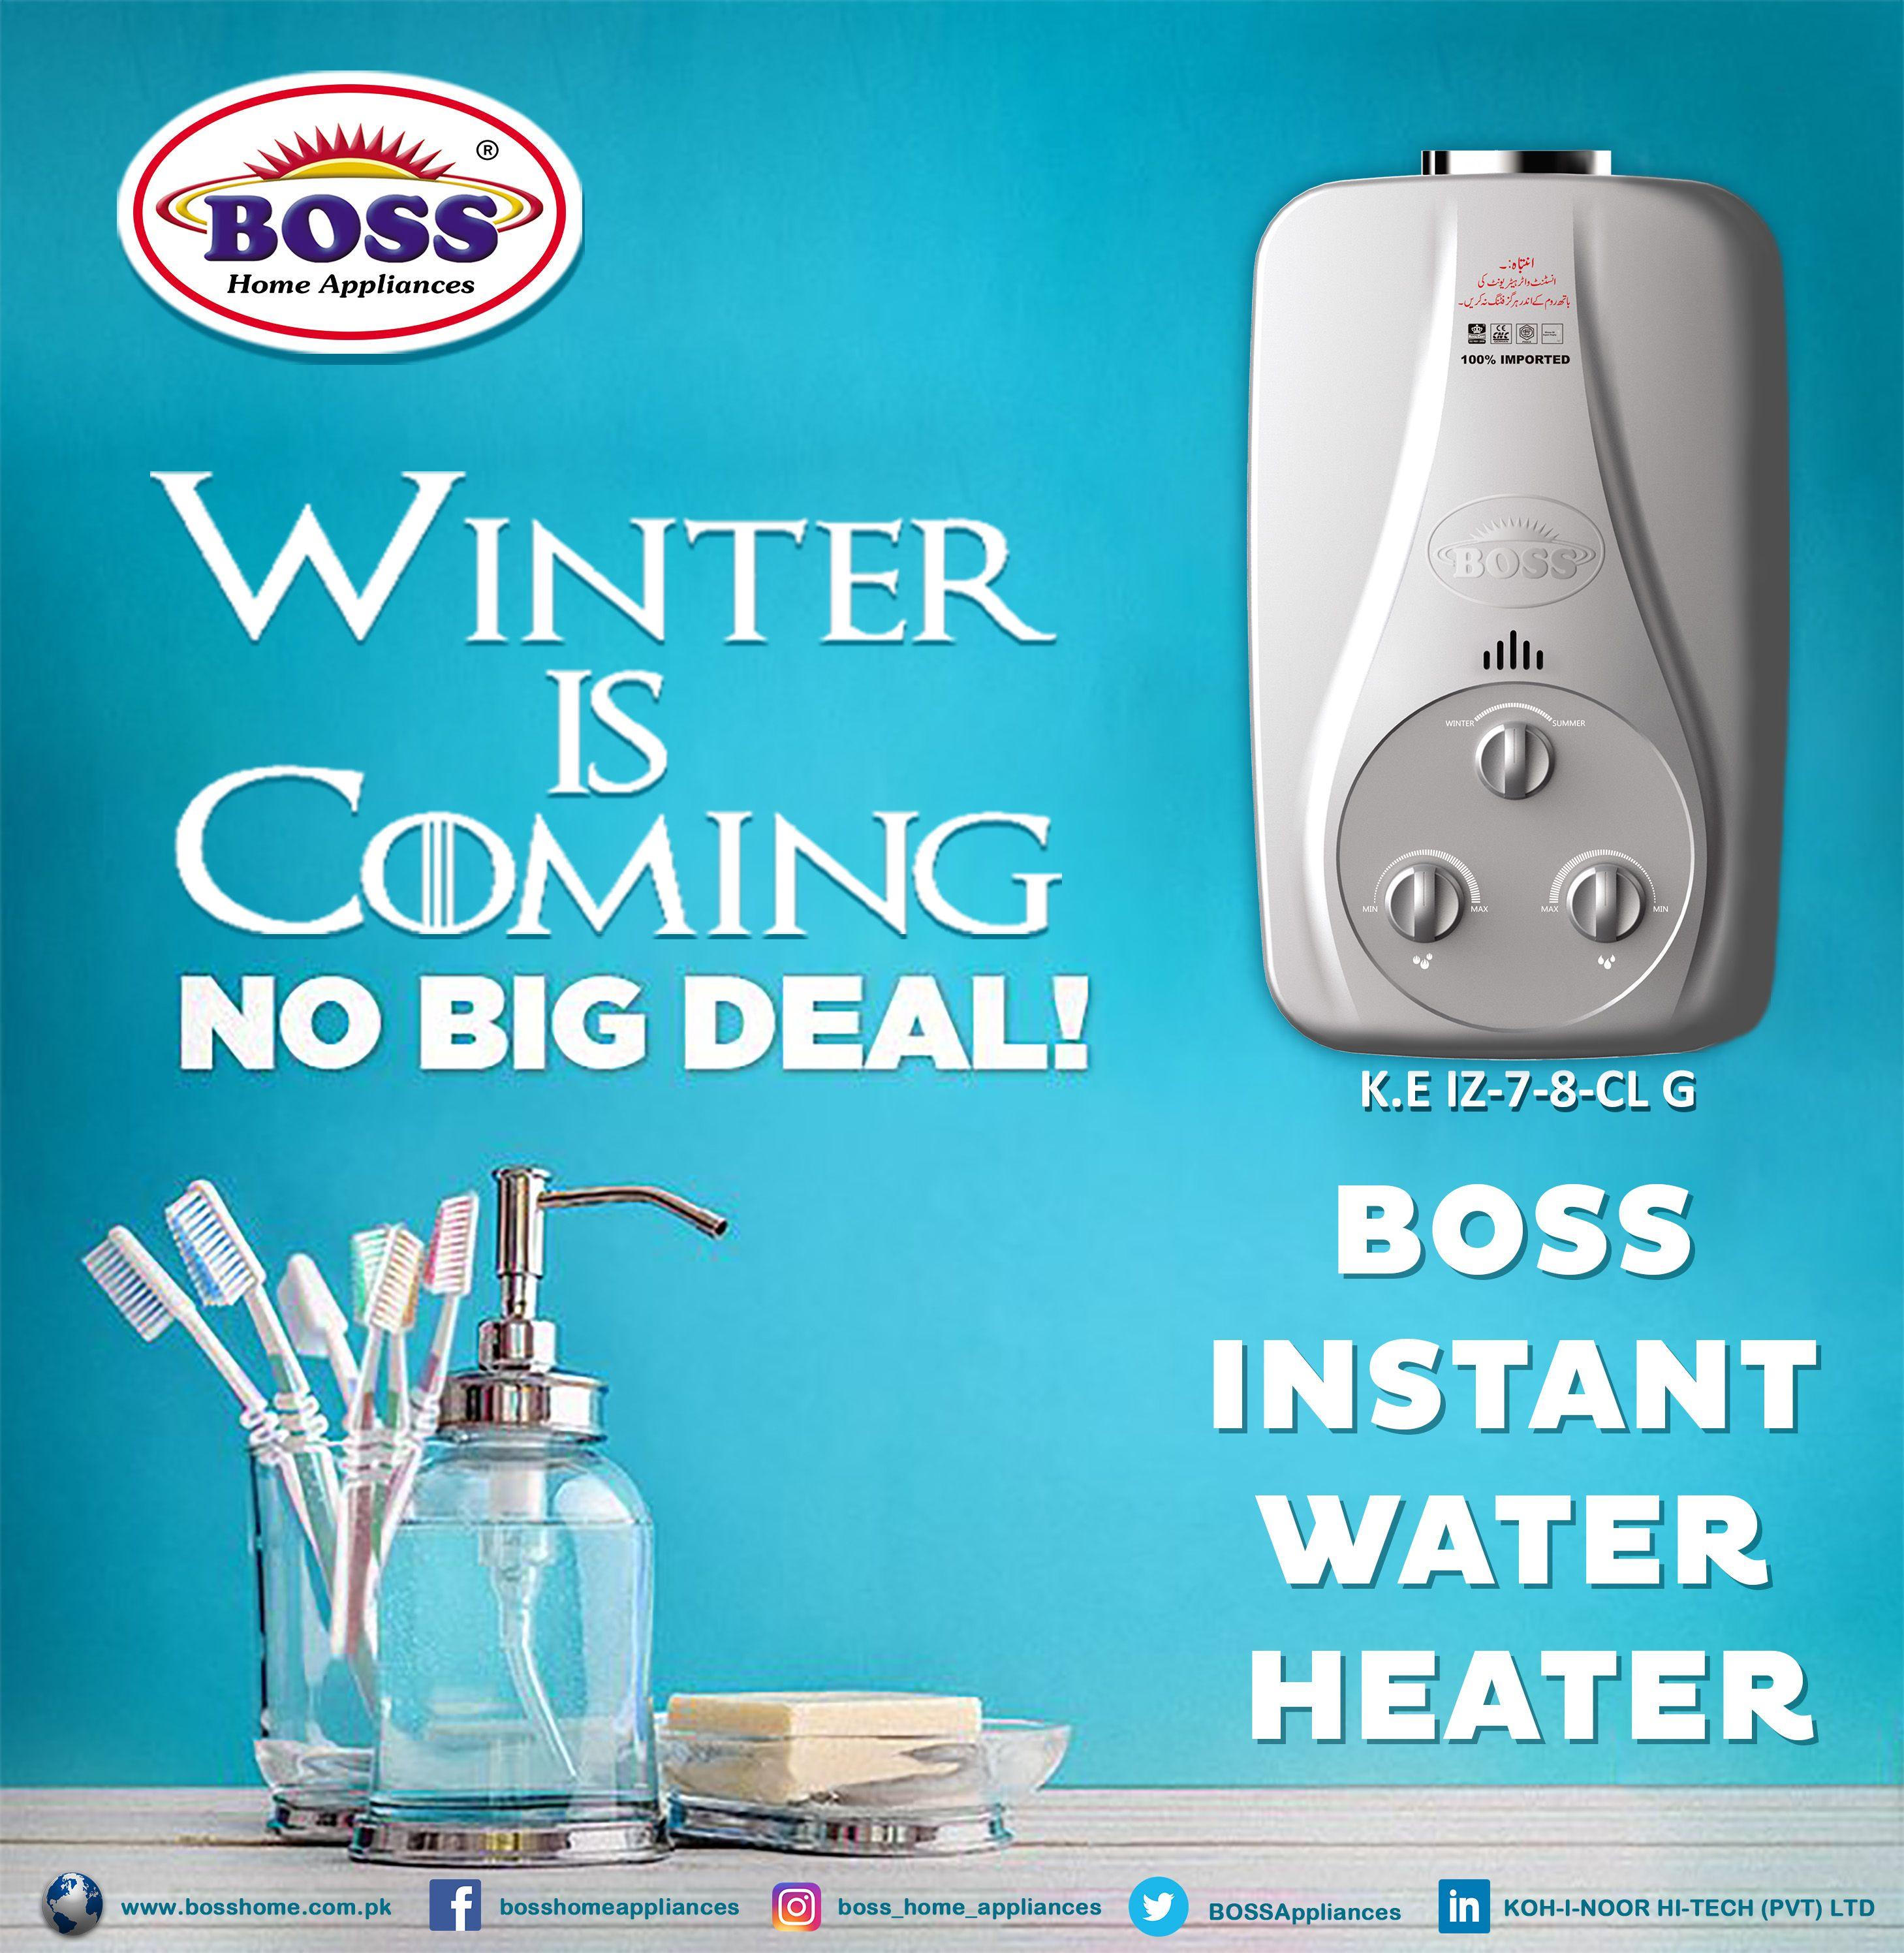 Boss Instant Water Heater Instant Water Heater Water Heater Heater